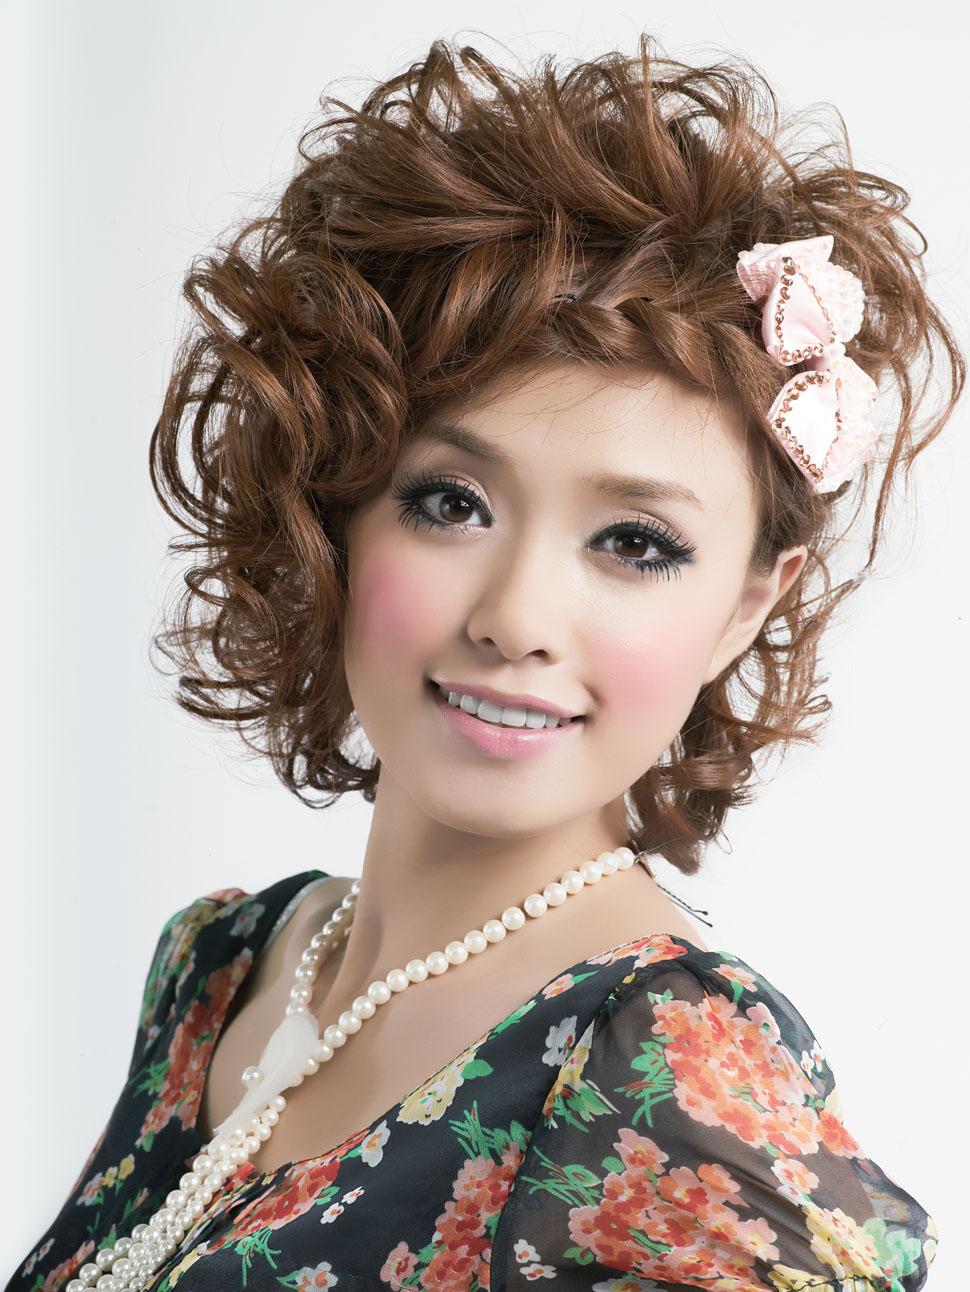 蝴蝶结头饰盘发造型美女高清摄影图片